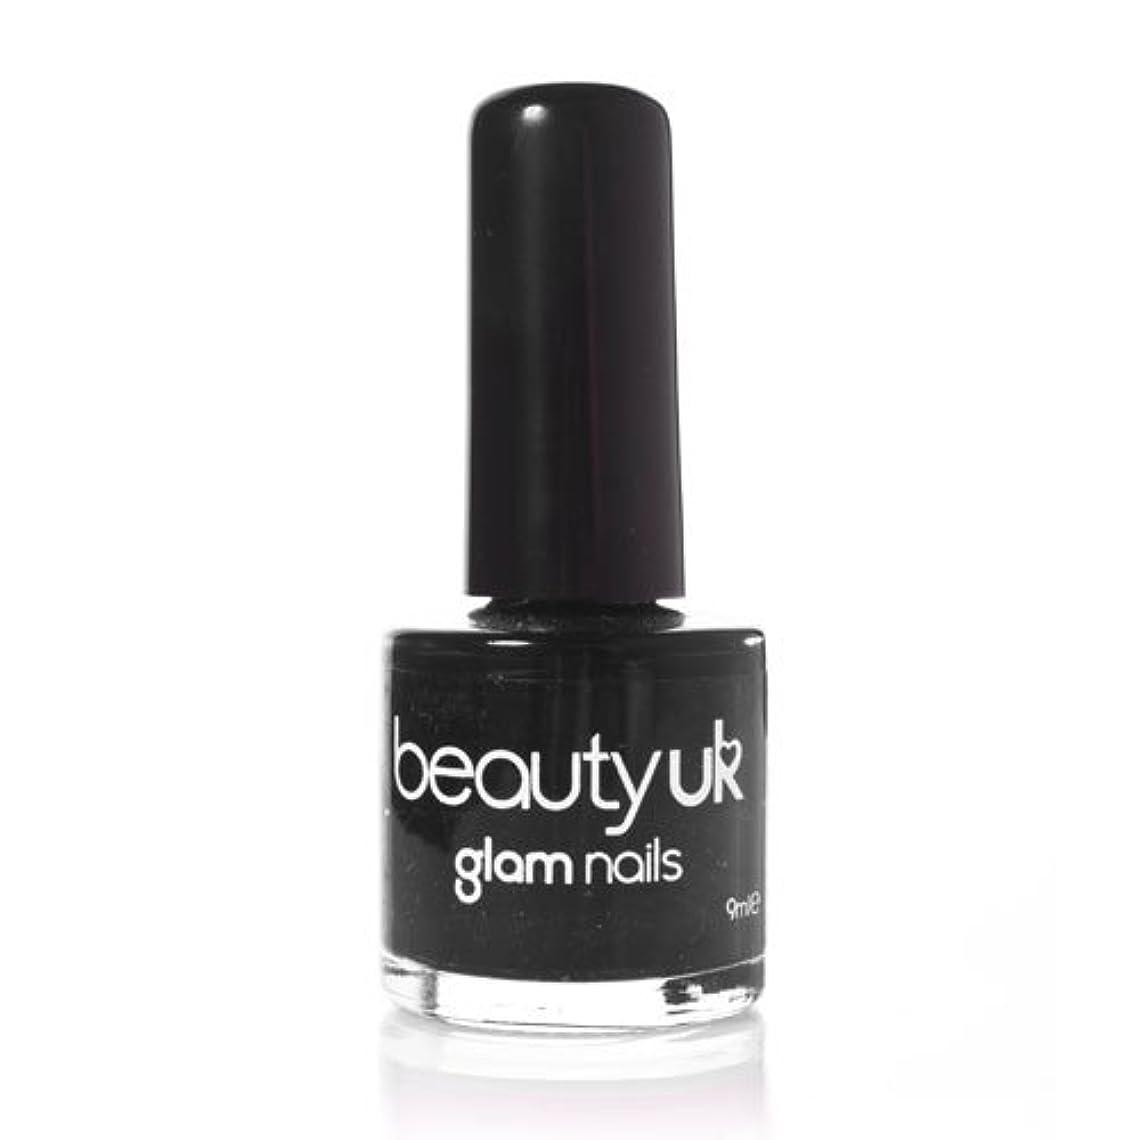 無駄な人種のどBeauty Uk Glam Nails No6 Black 9ml [並行輸入品]